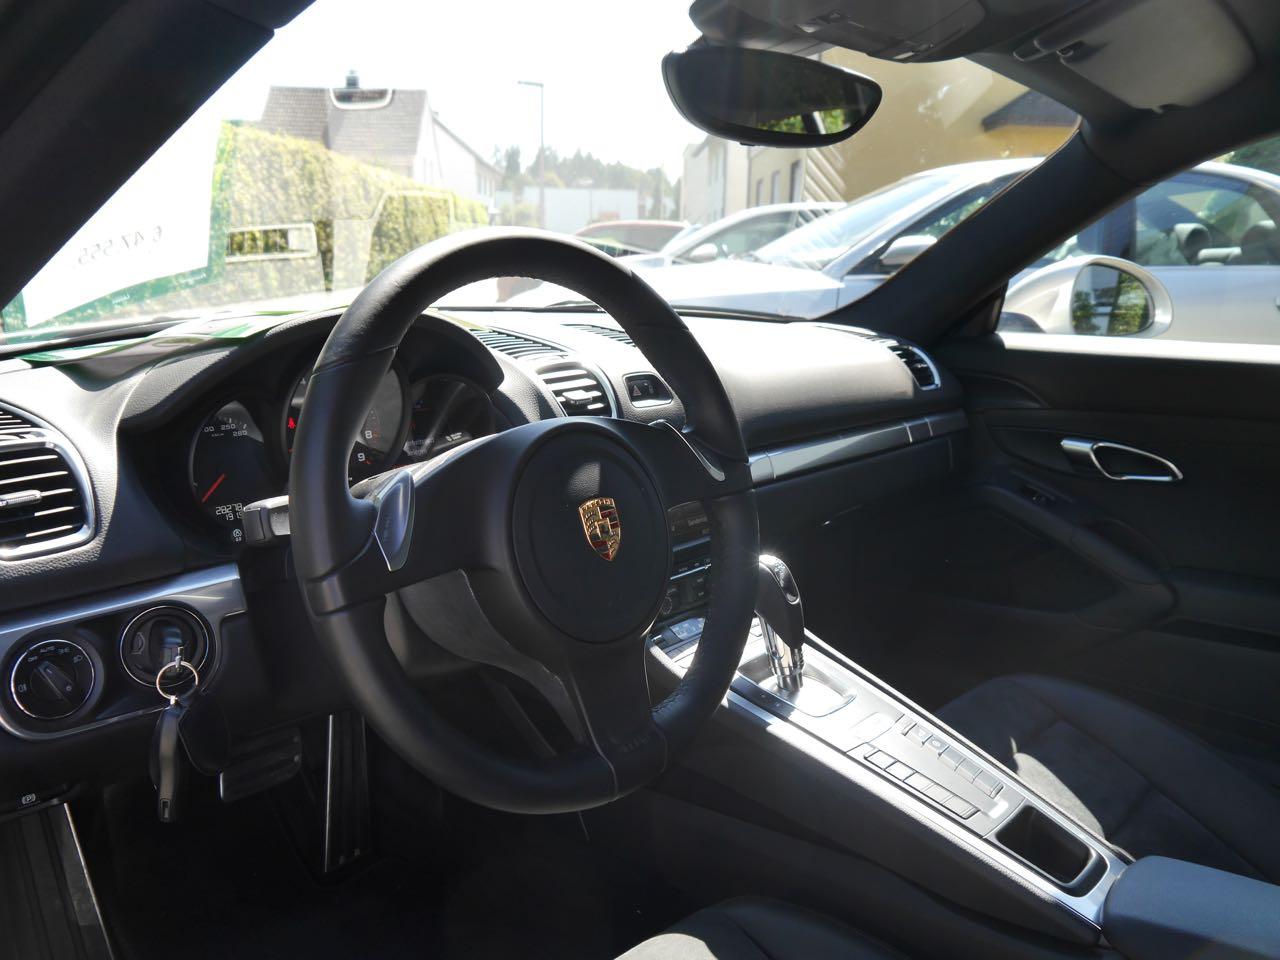 911 youngtimer - Porsche 981 Cayman 2,7 PDK - 2013 - Platinum Silver 3